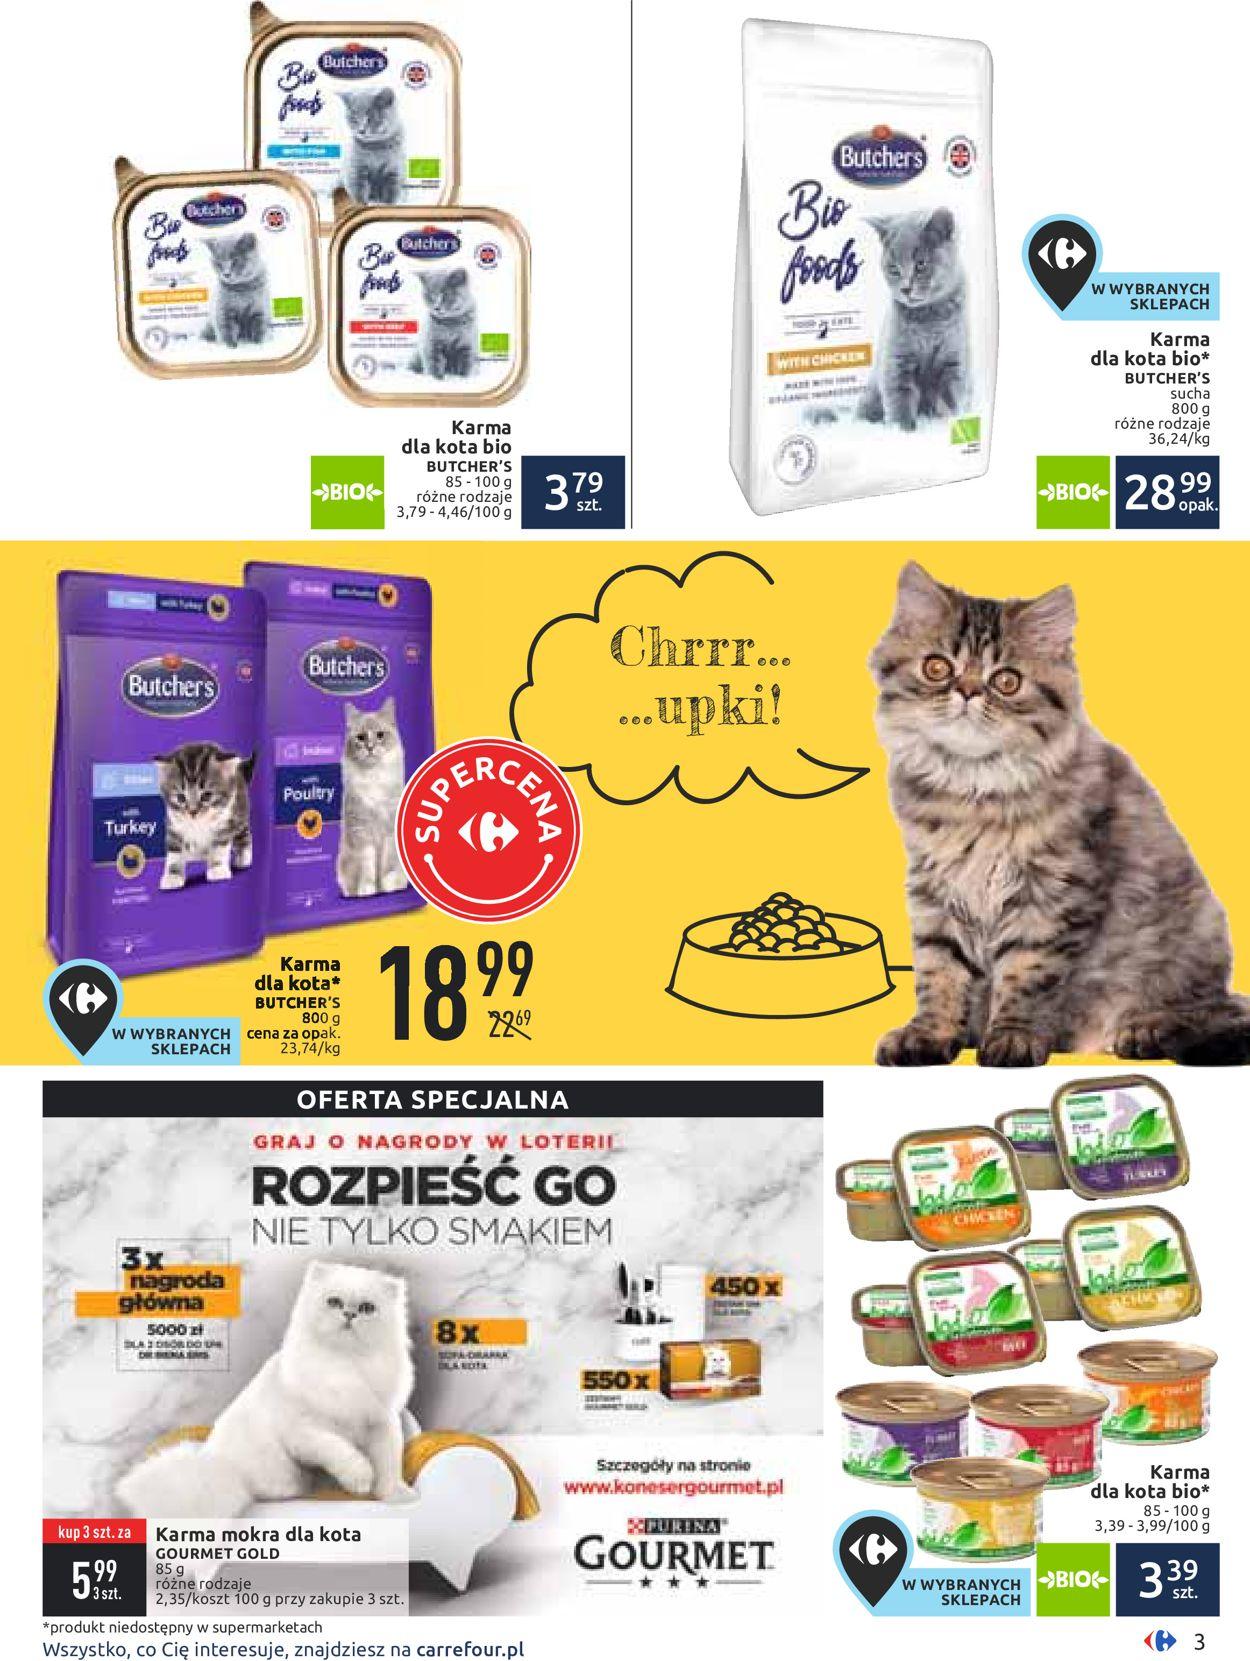 Gazetka promocyjna Carrefour - 11.02-24.02.2020 (Strona 3)